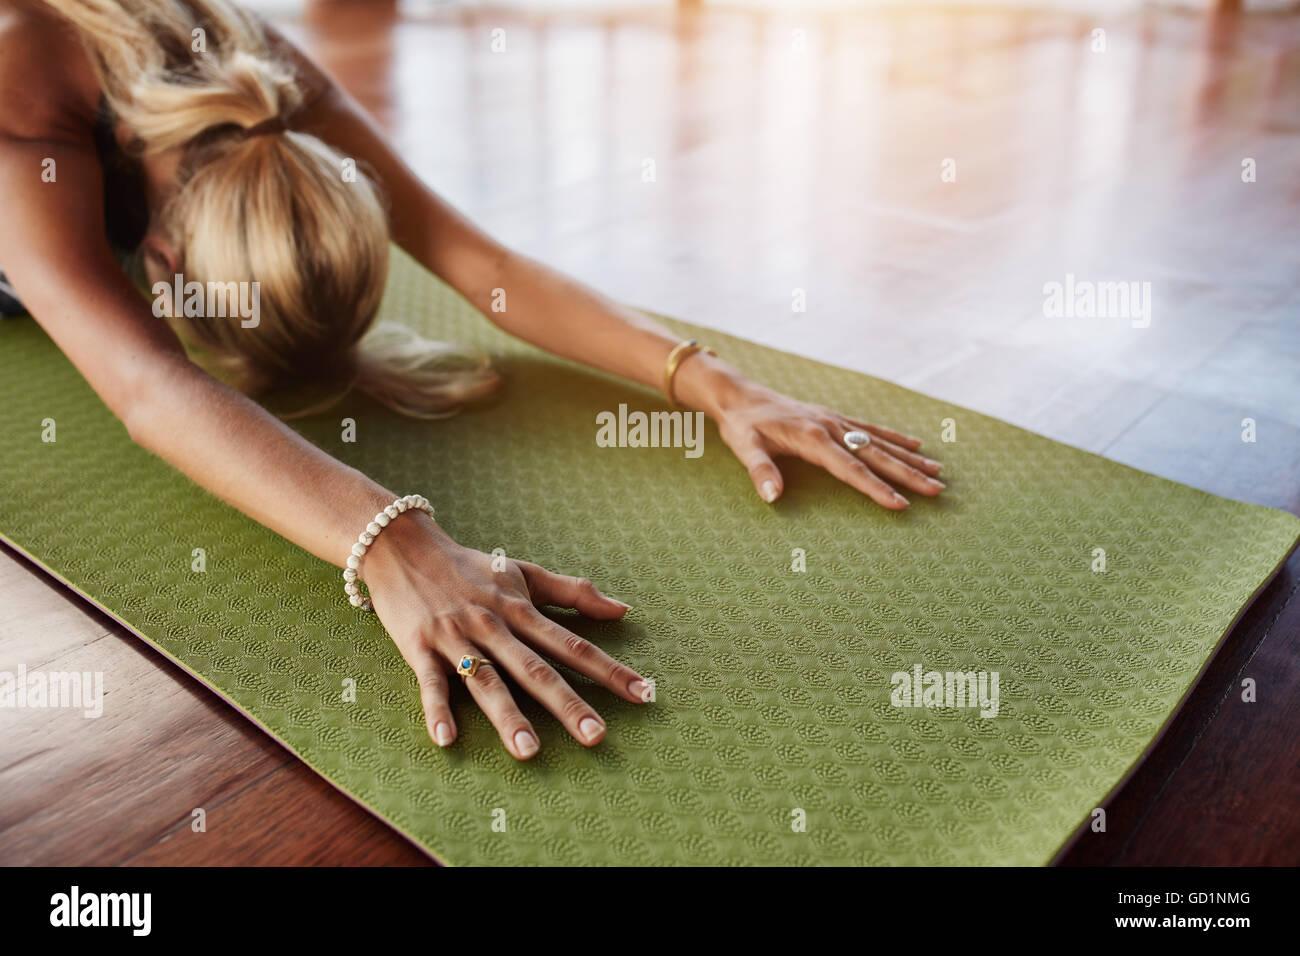 Frauen tun stretching Training auf Trainingsmatte. Frau Balasana Yoga im Fitness-Studio, mit Fokus auf Händen zu Stockfoto